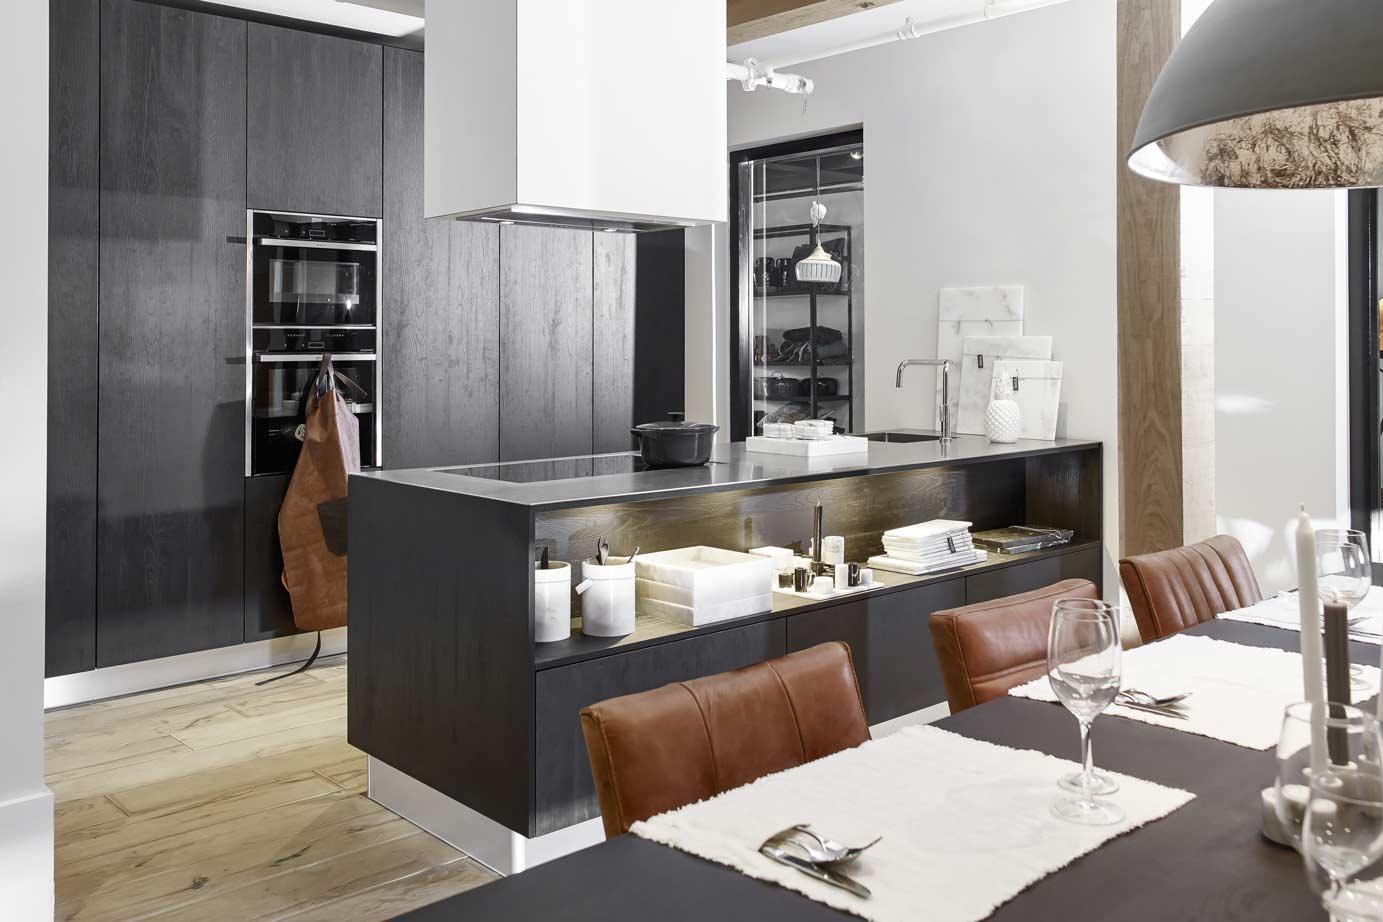 Keuken Moderne Zwart : Keuken kleuren veel keus stijlen en prijzen arma